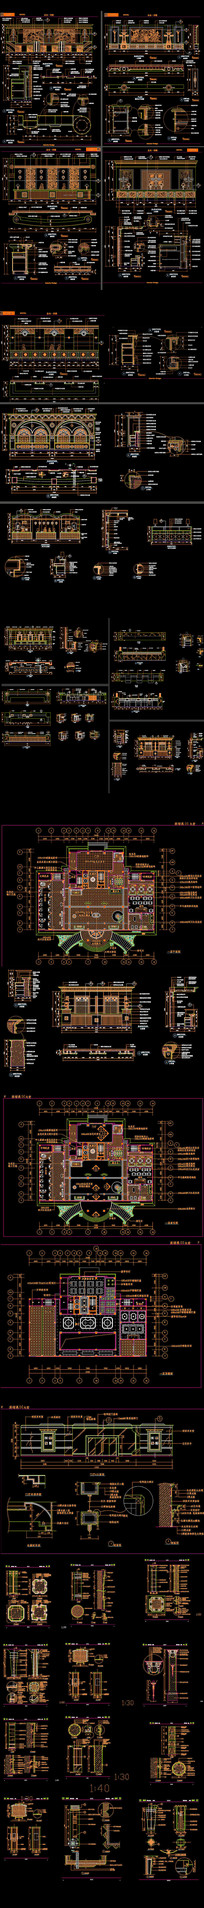 酒店装饰施工图